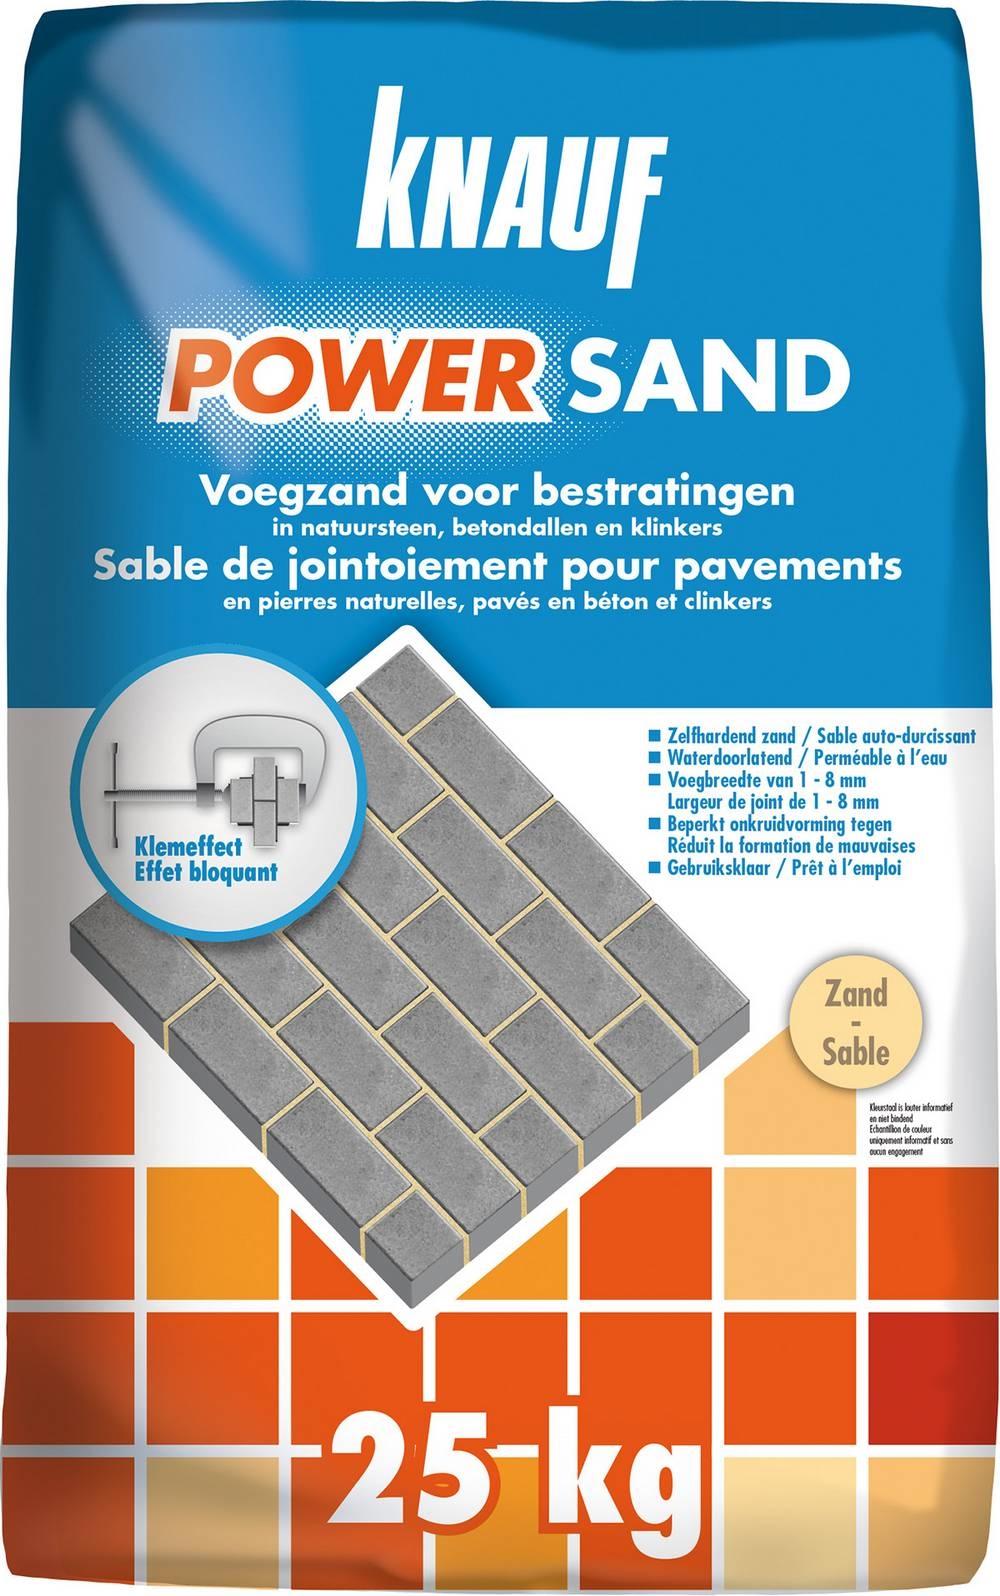 Powersand zand zakgoed 25kg (42)